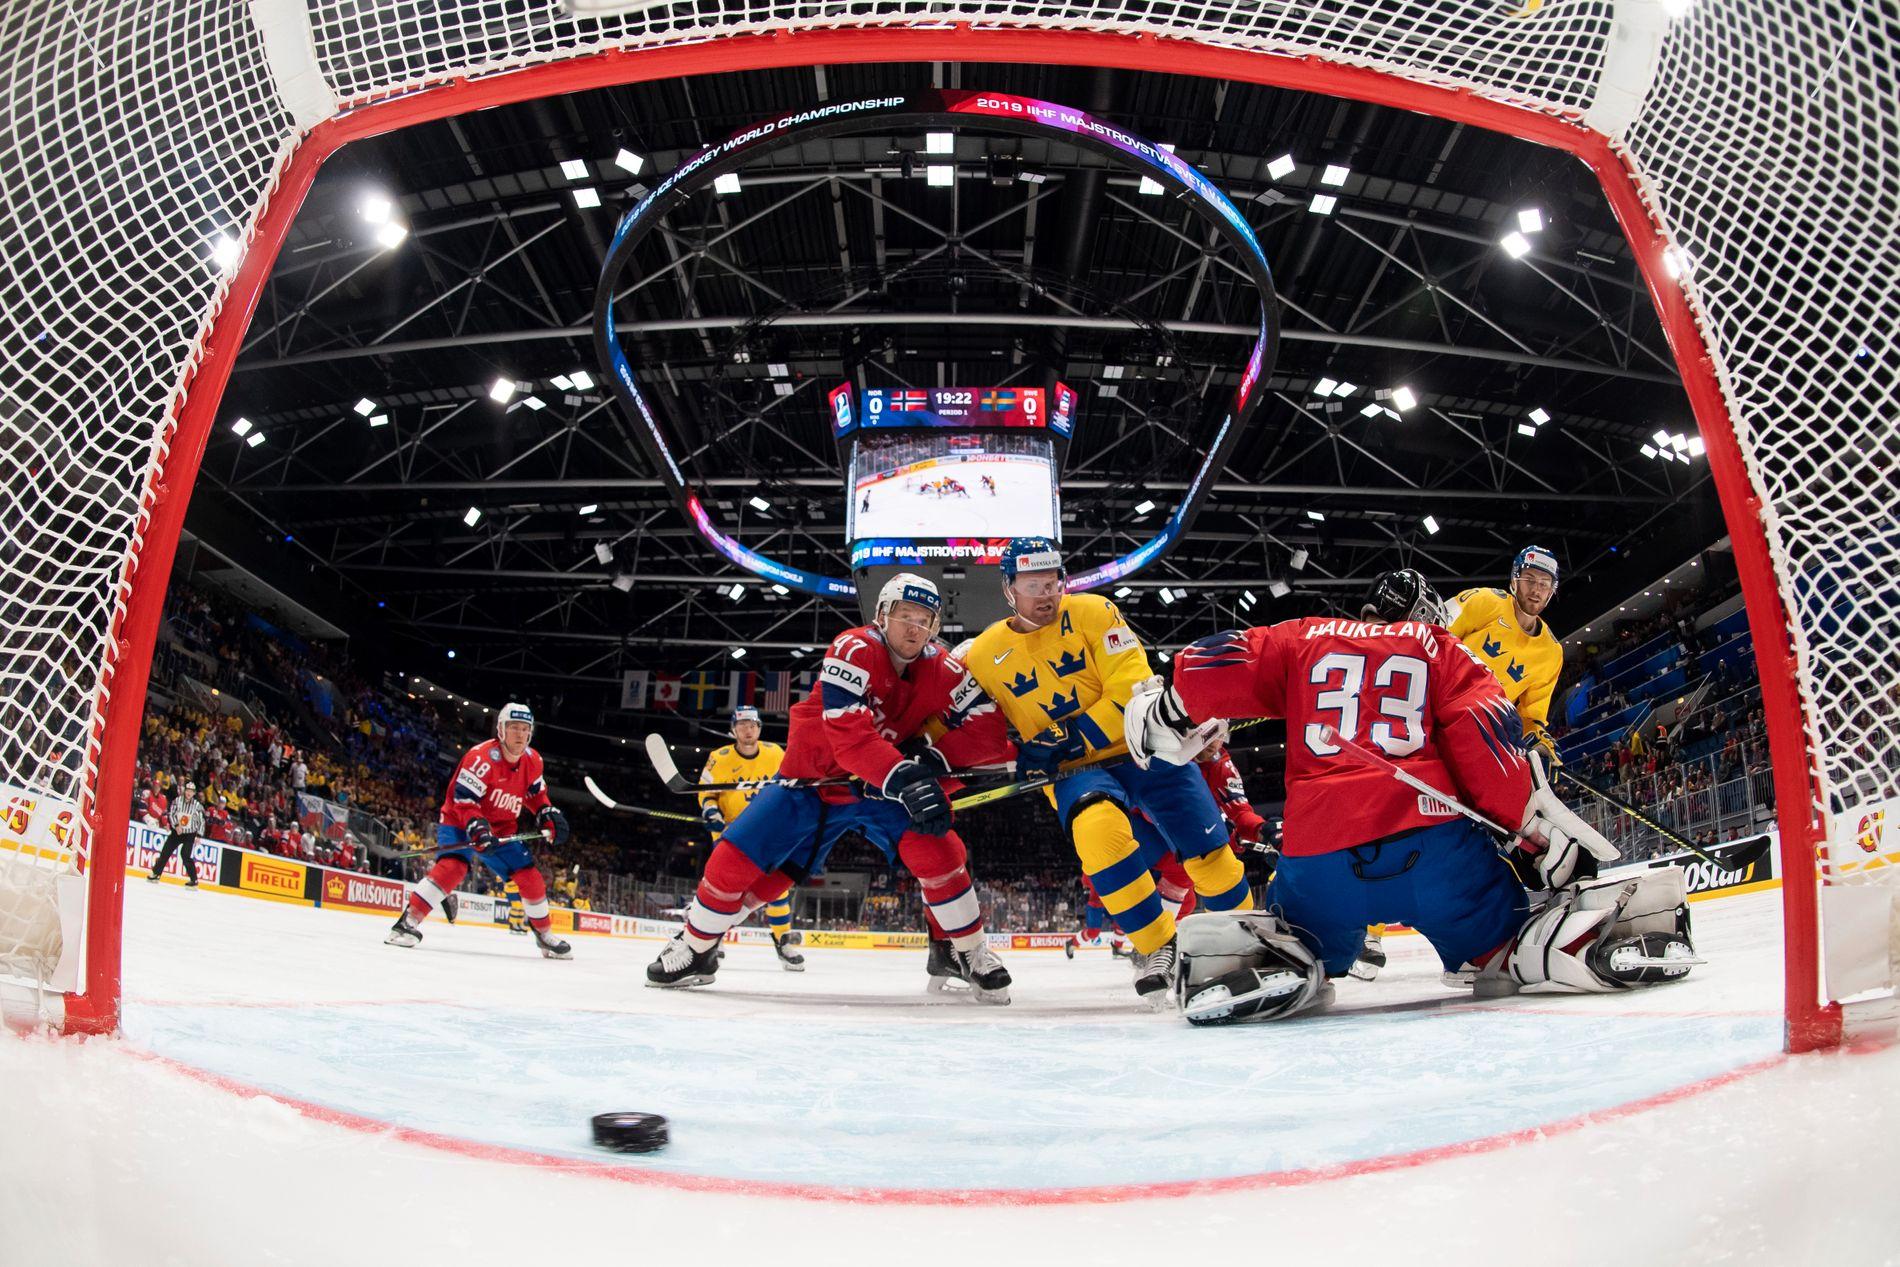 PÅ FELGEN: Alexander Wennberg sørget for 1–0 til Sverige bak Norges keeper Henrik Haukeland, med backveteran Alexander Bonsaksen som tilskuer, allerede etter 39 sekunder i VM-kampen mandag.